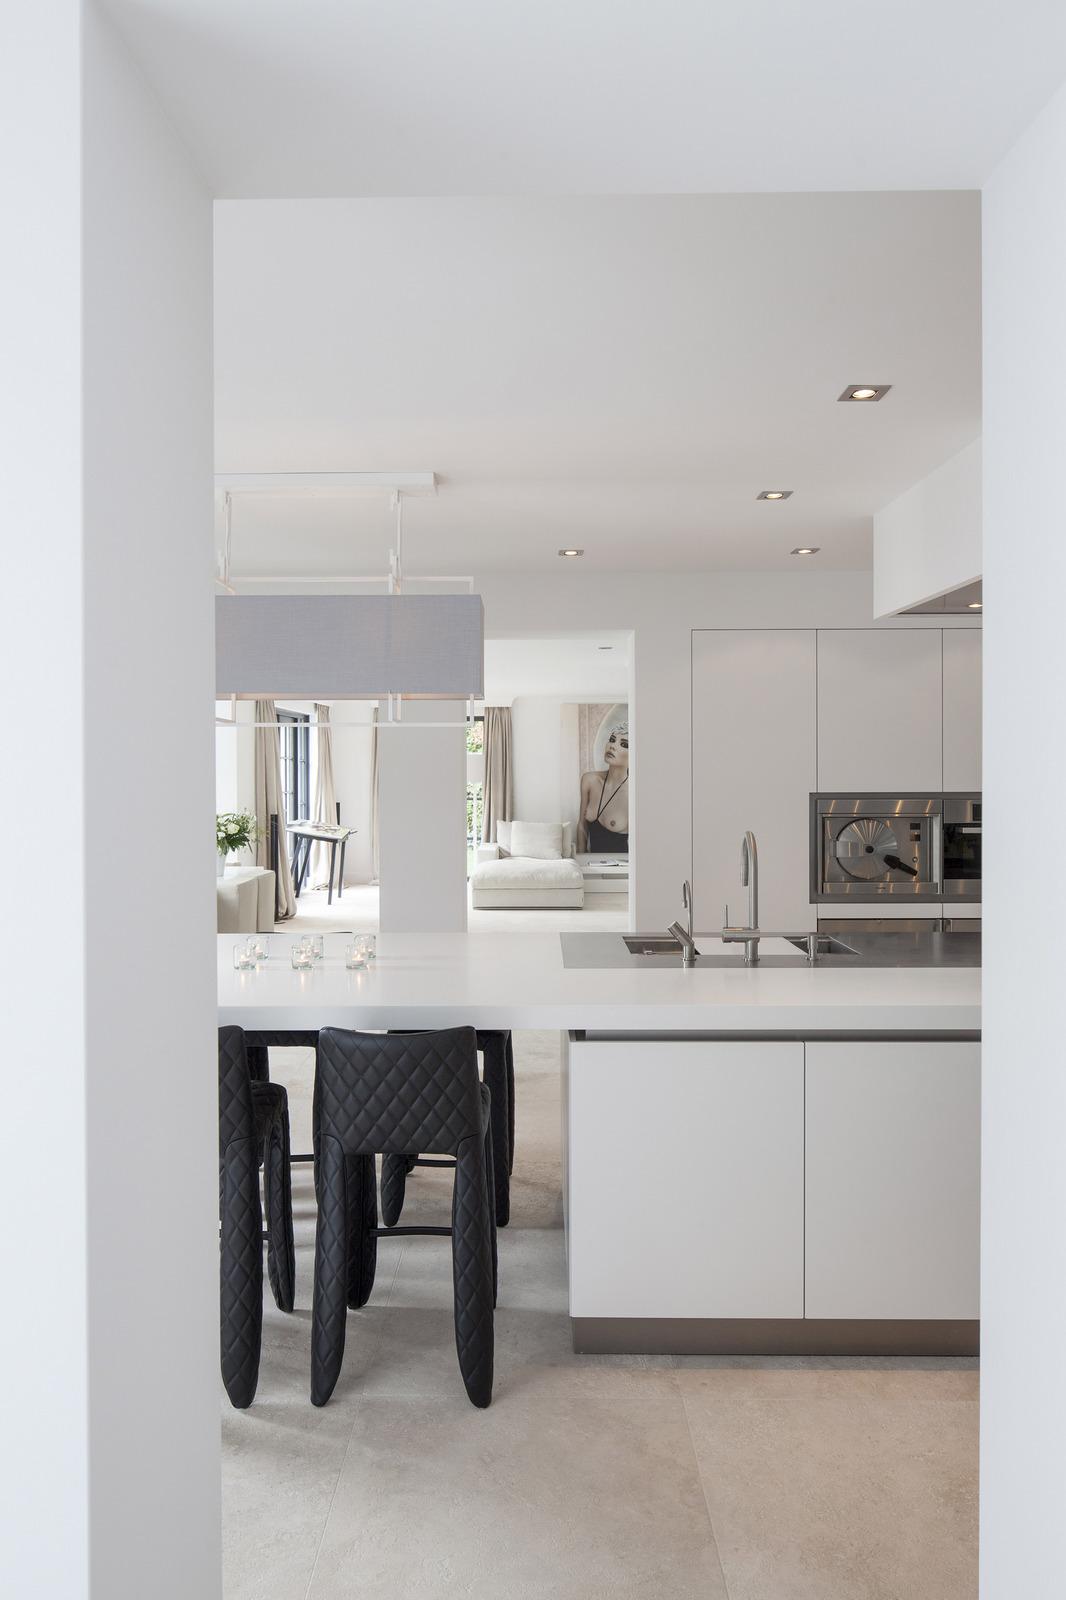 Interieur met culimaat keuken Verturo met corian werkblad